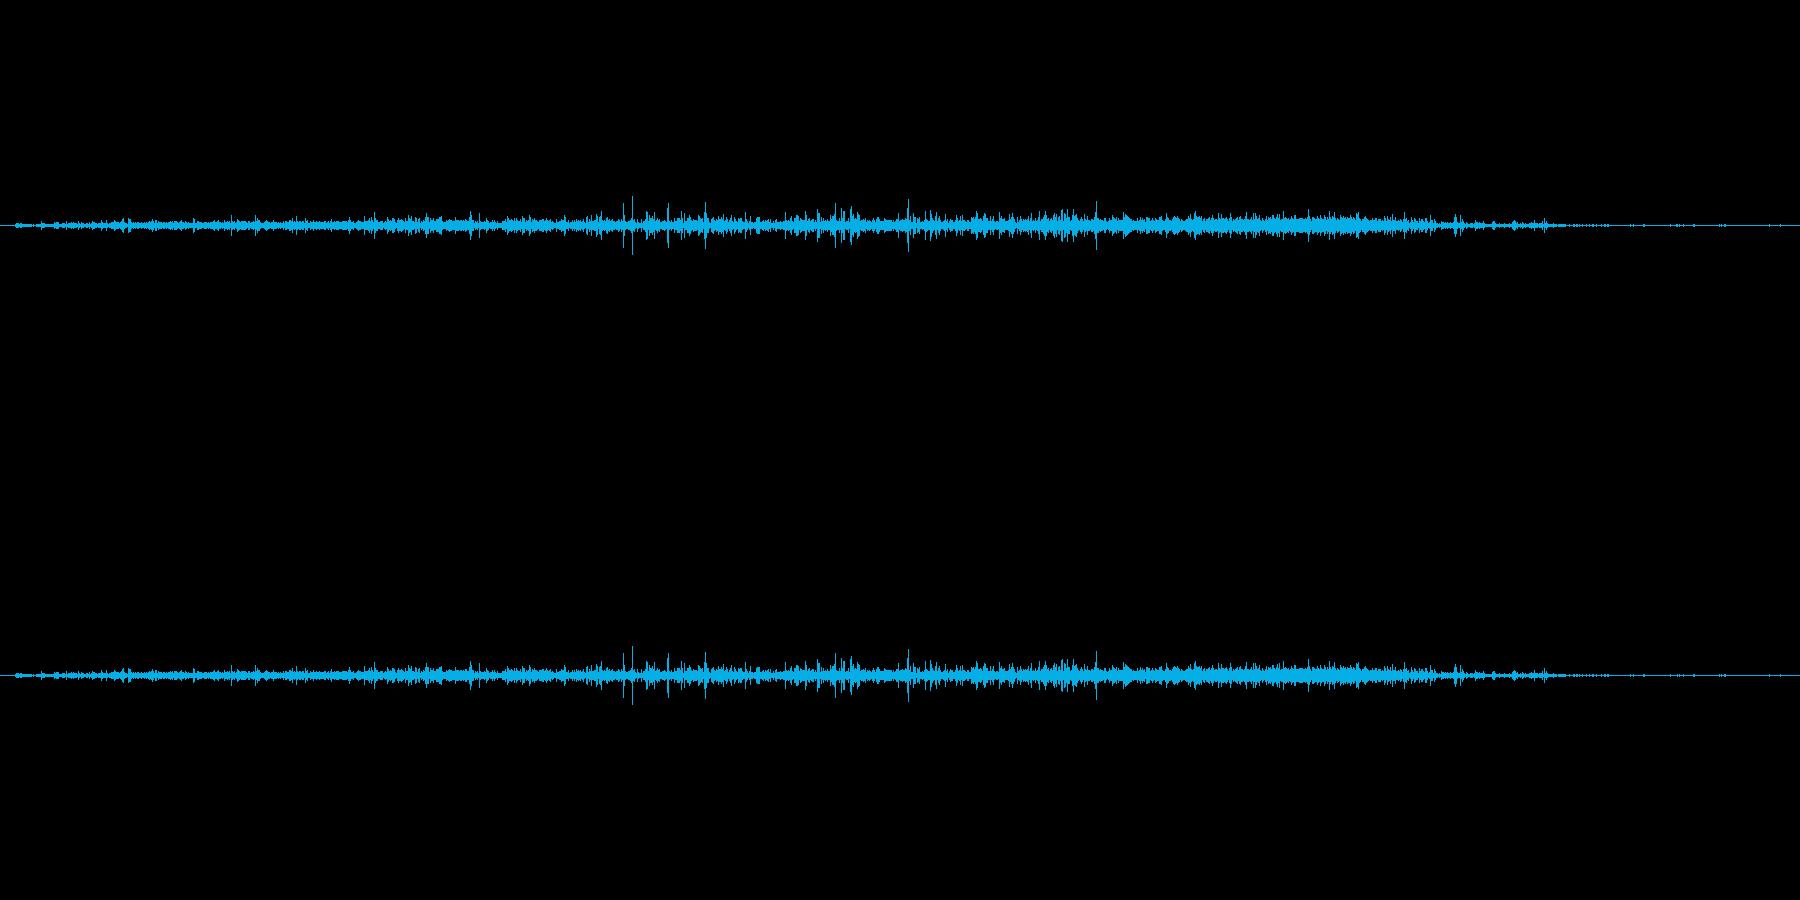 【生音】ザー(さらさら)粒が落下流れる音の再生済みの波形